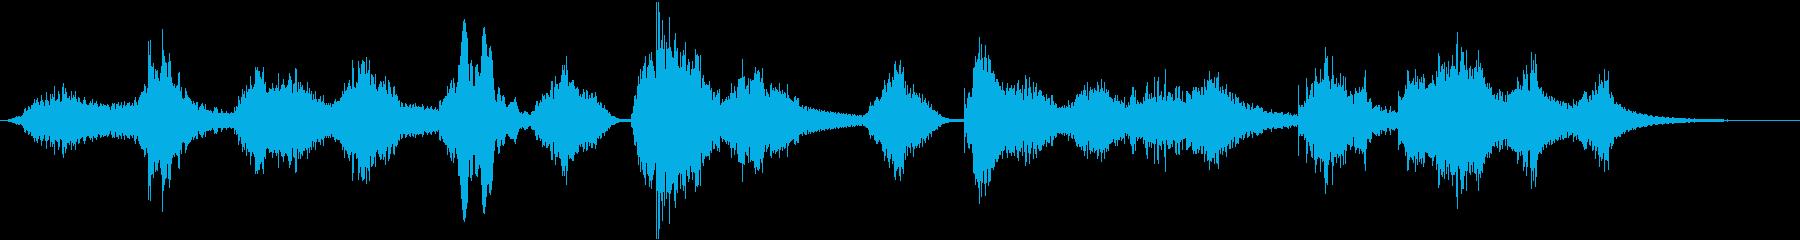 宇宙、アンビエント、静かな曲の再生済みの波形